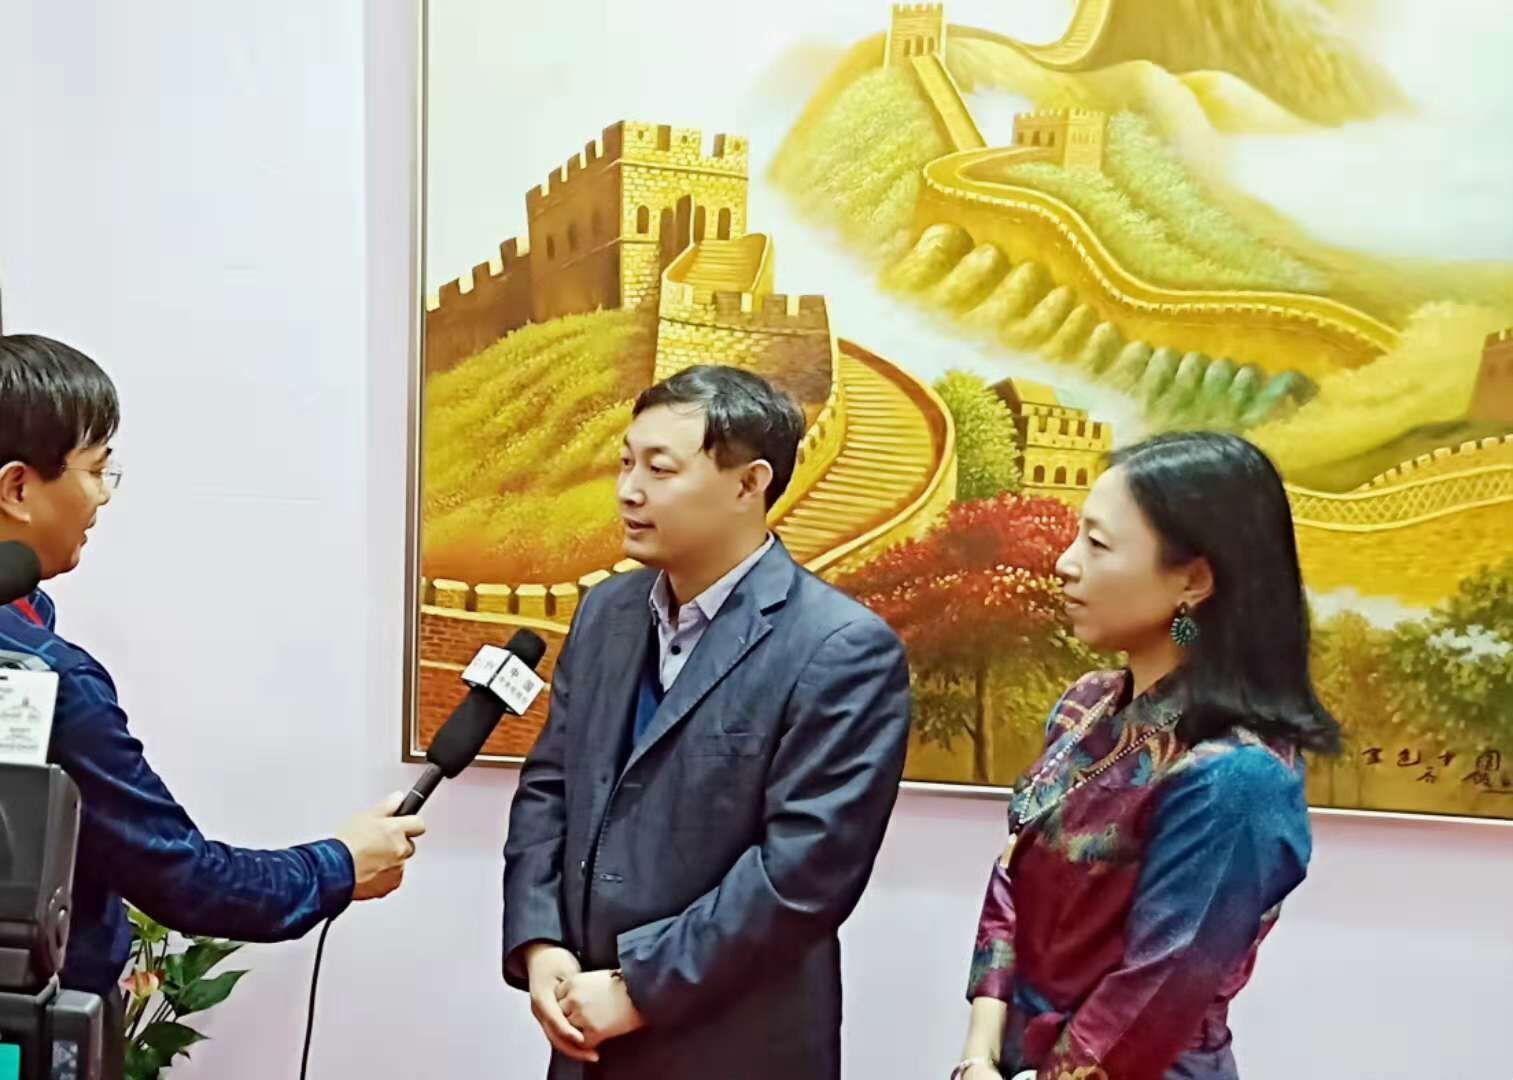 乔领、宁雪君国礼艺术作品展上,接受中央电视台专访